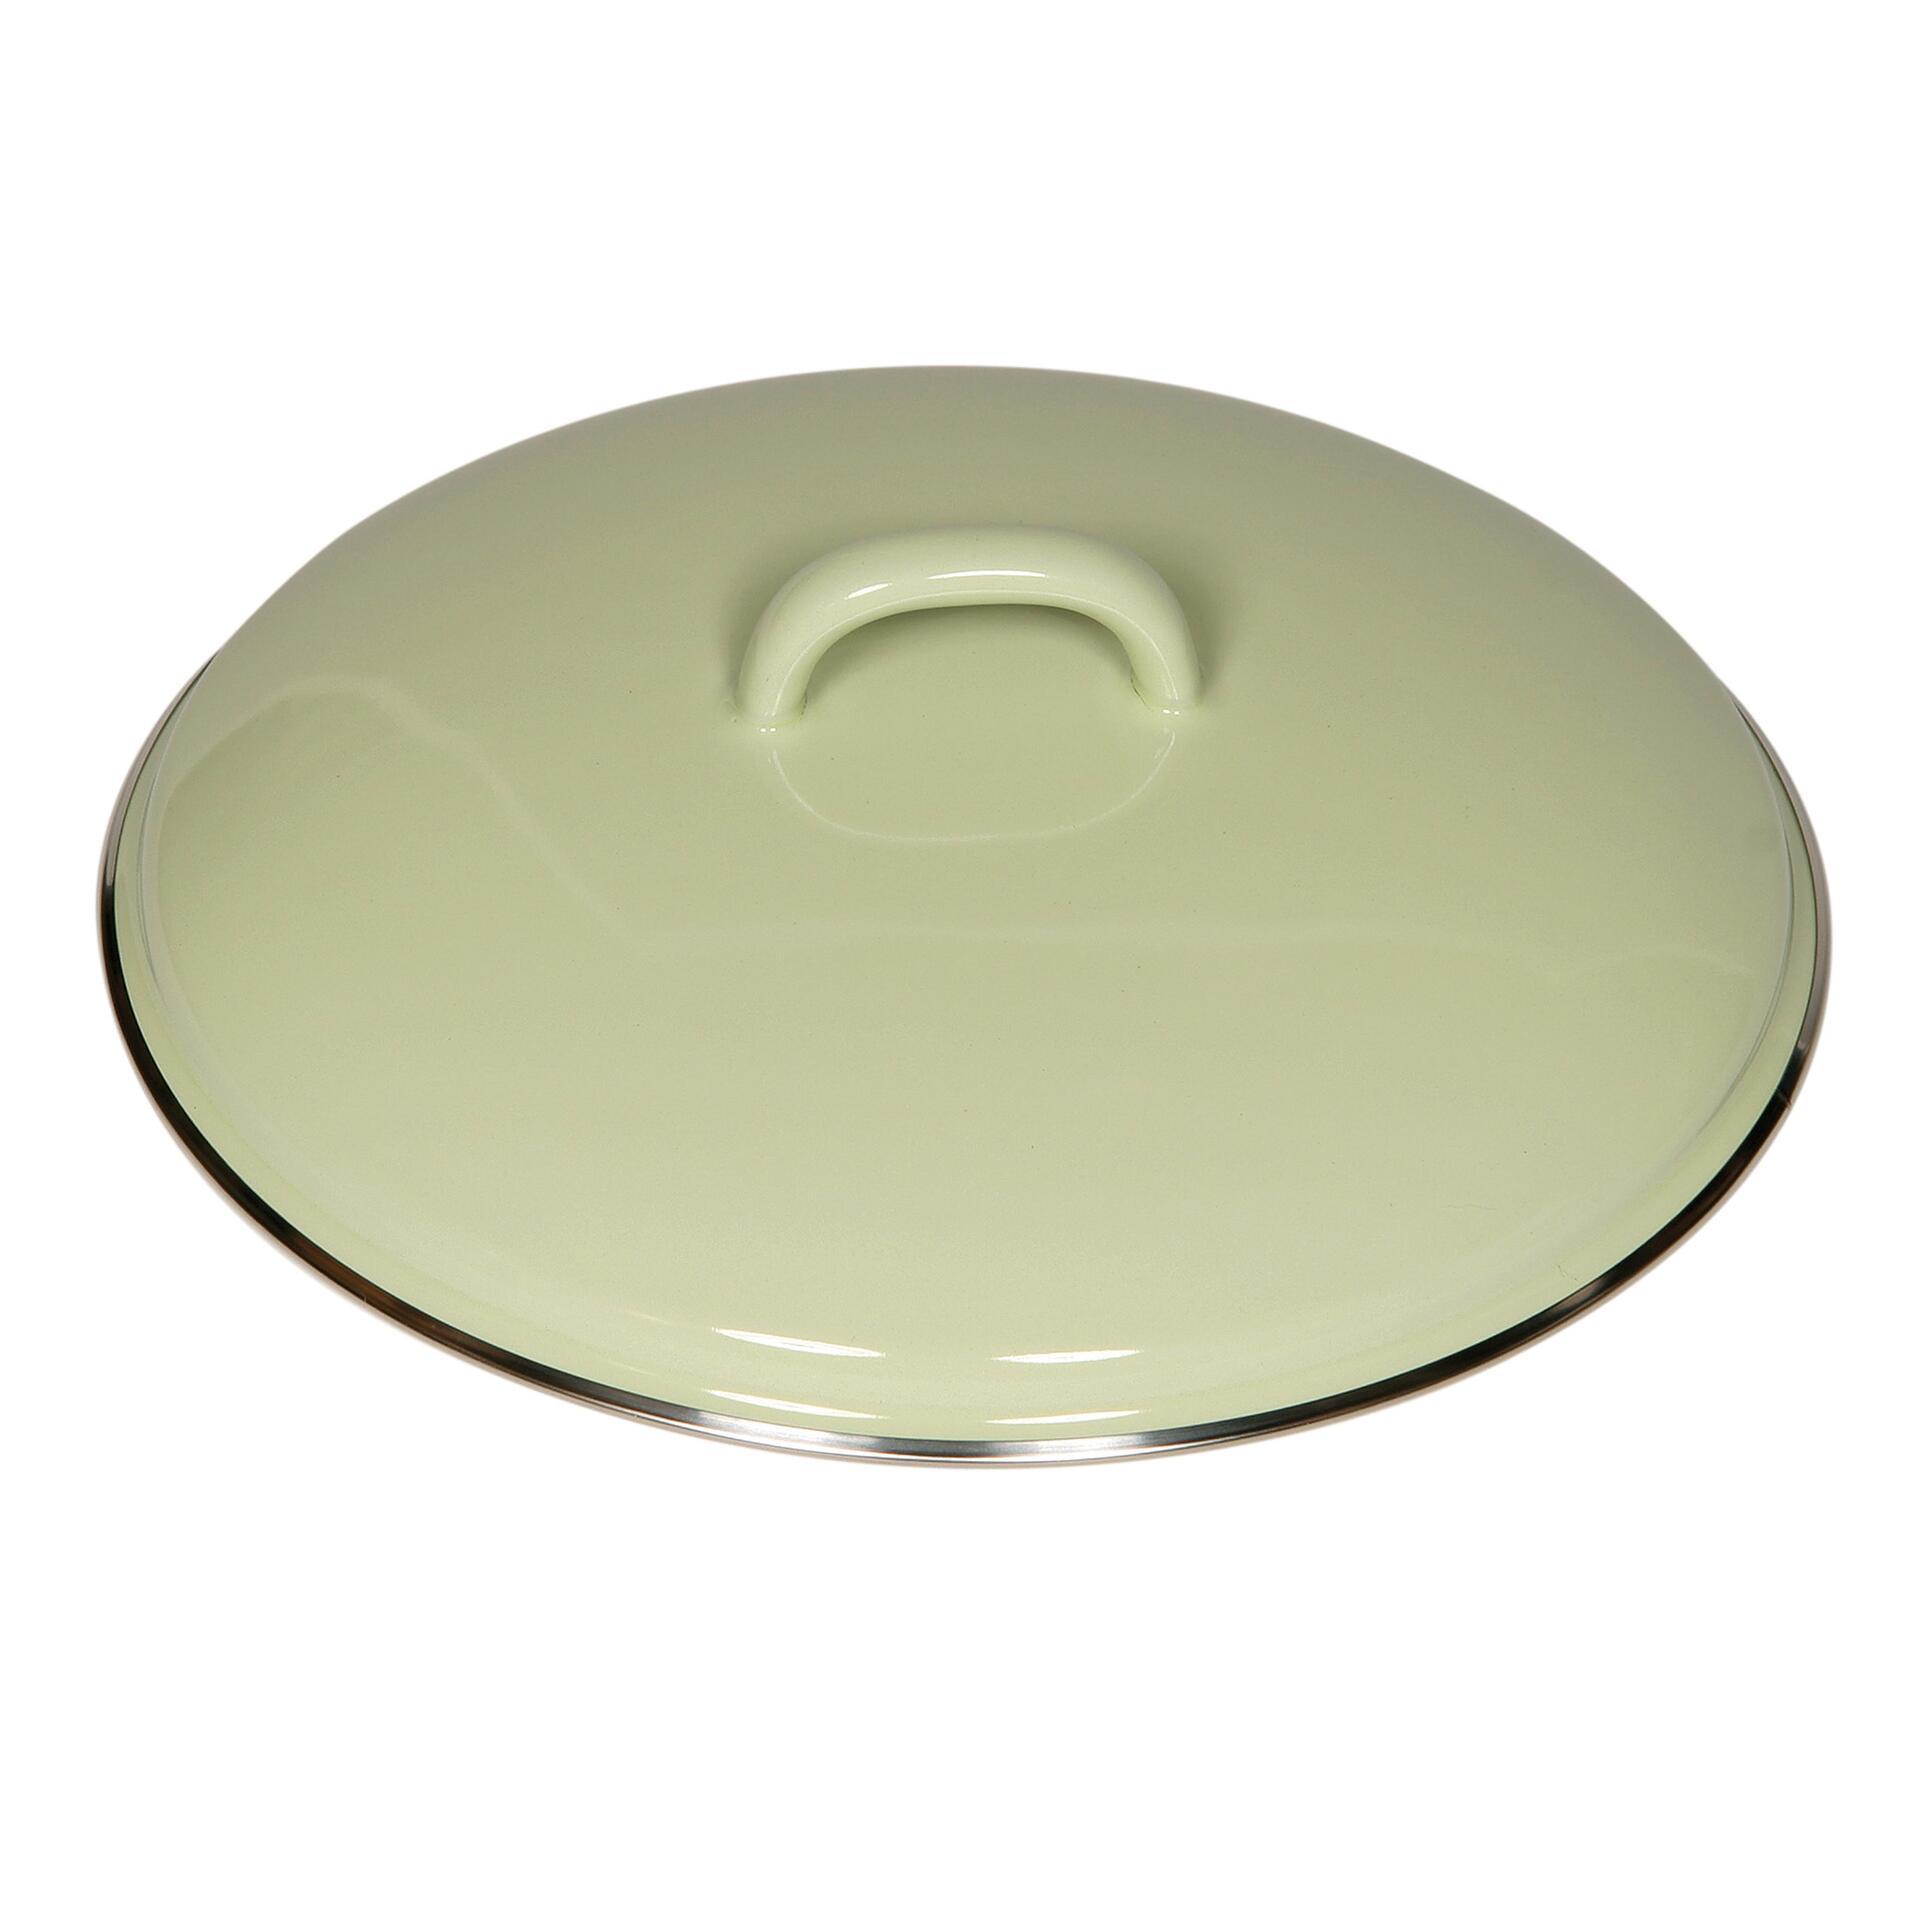 Riess Deckel aus Emaille 16 cm Grün